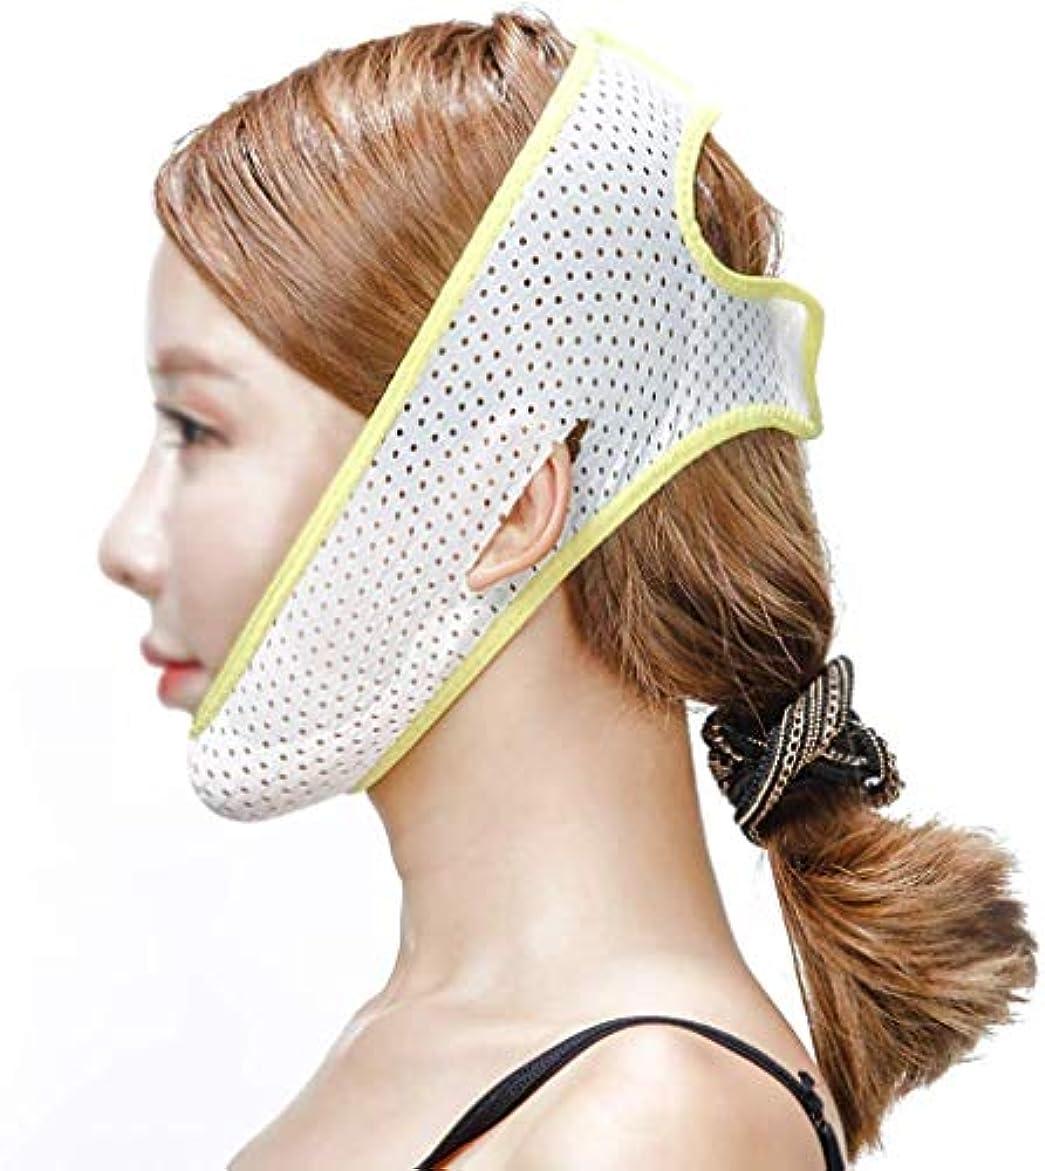 イベントアパル適用するHEMFV 顔のスリミングストラップ - チンはフェイシャルマスクを持ち上げては - 皮膚のたるみを排除します